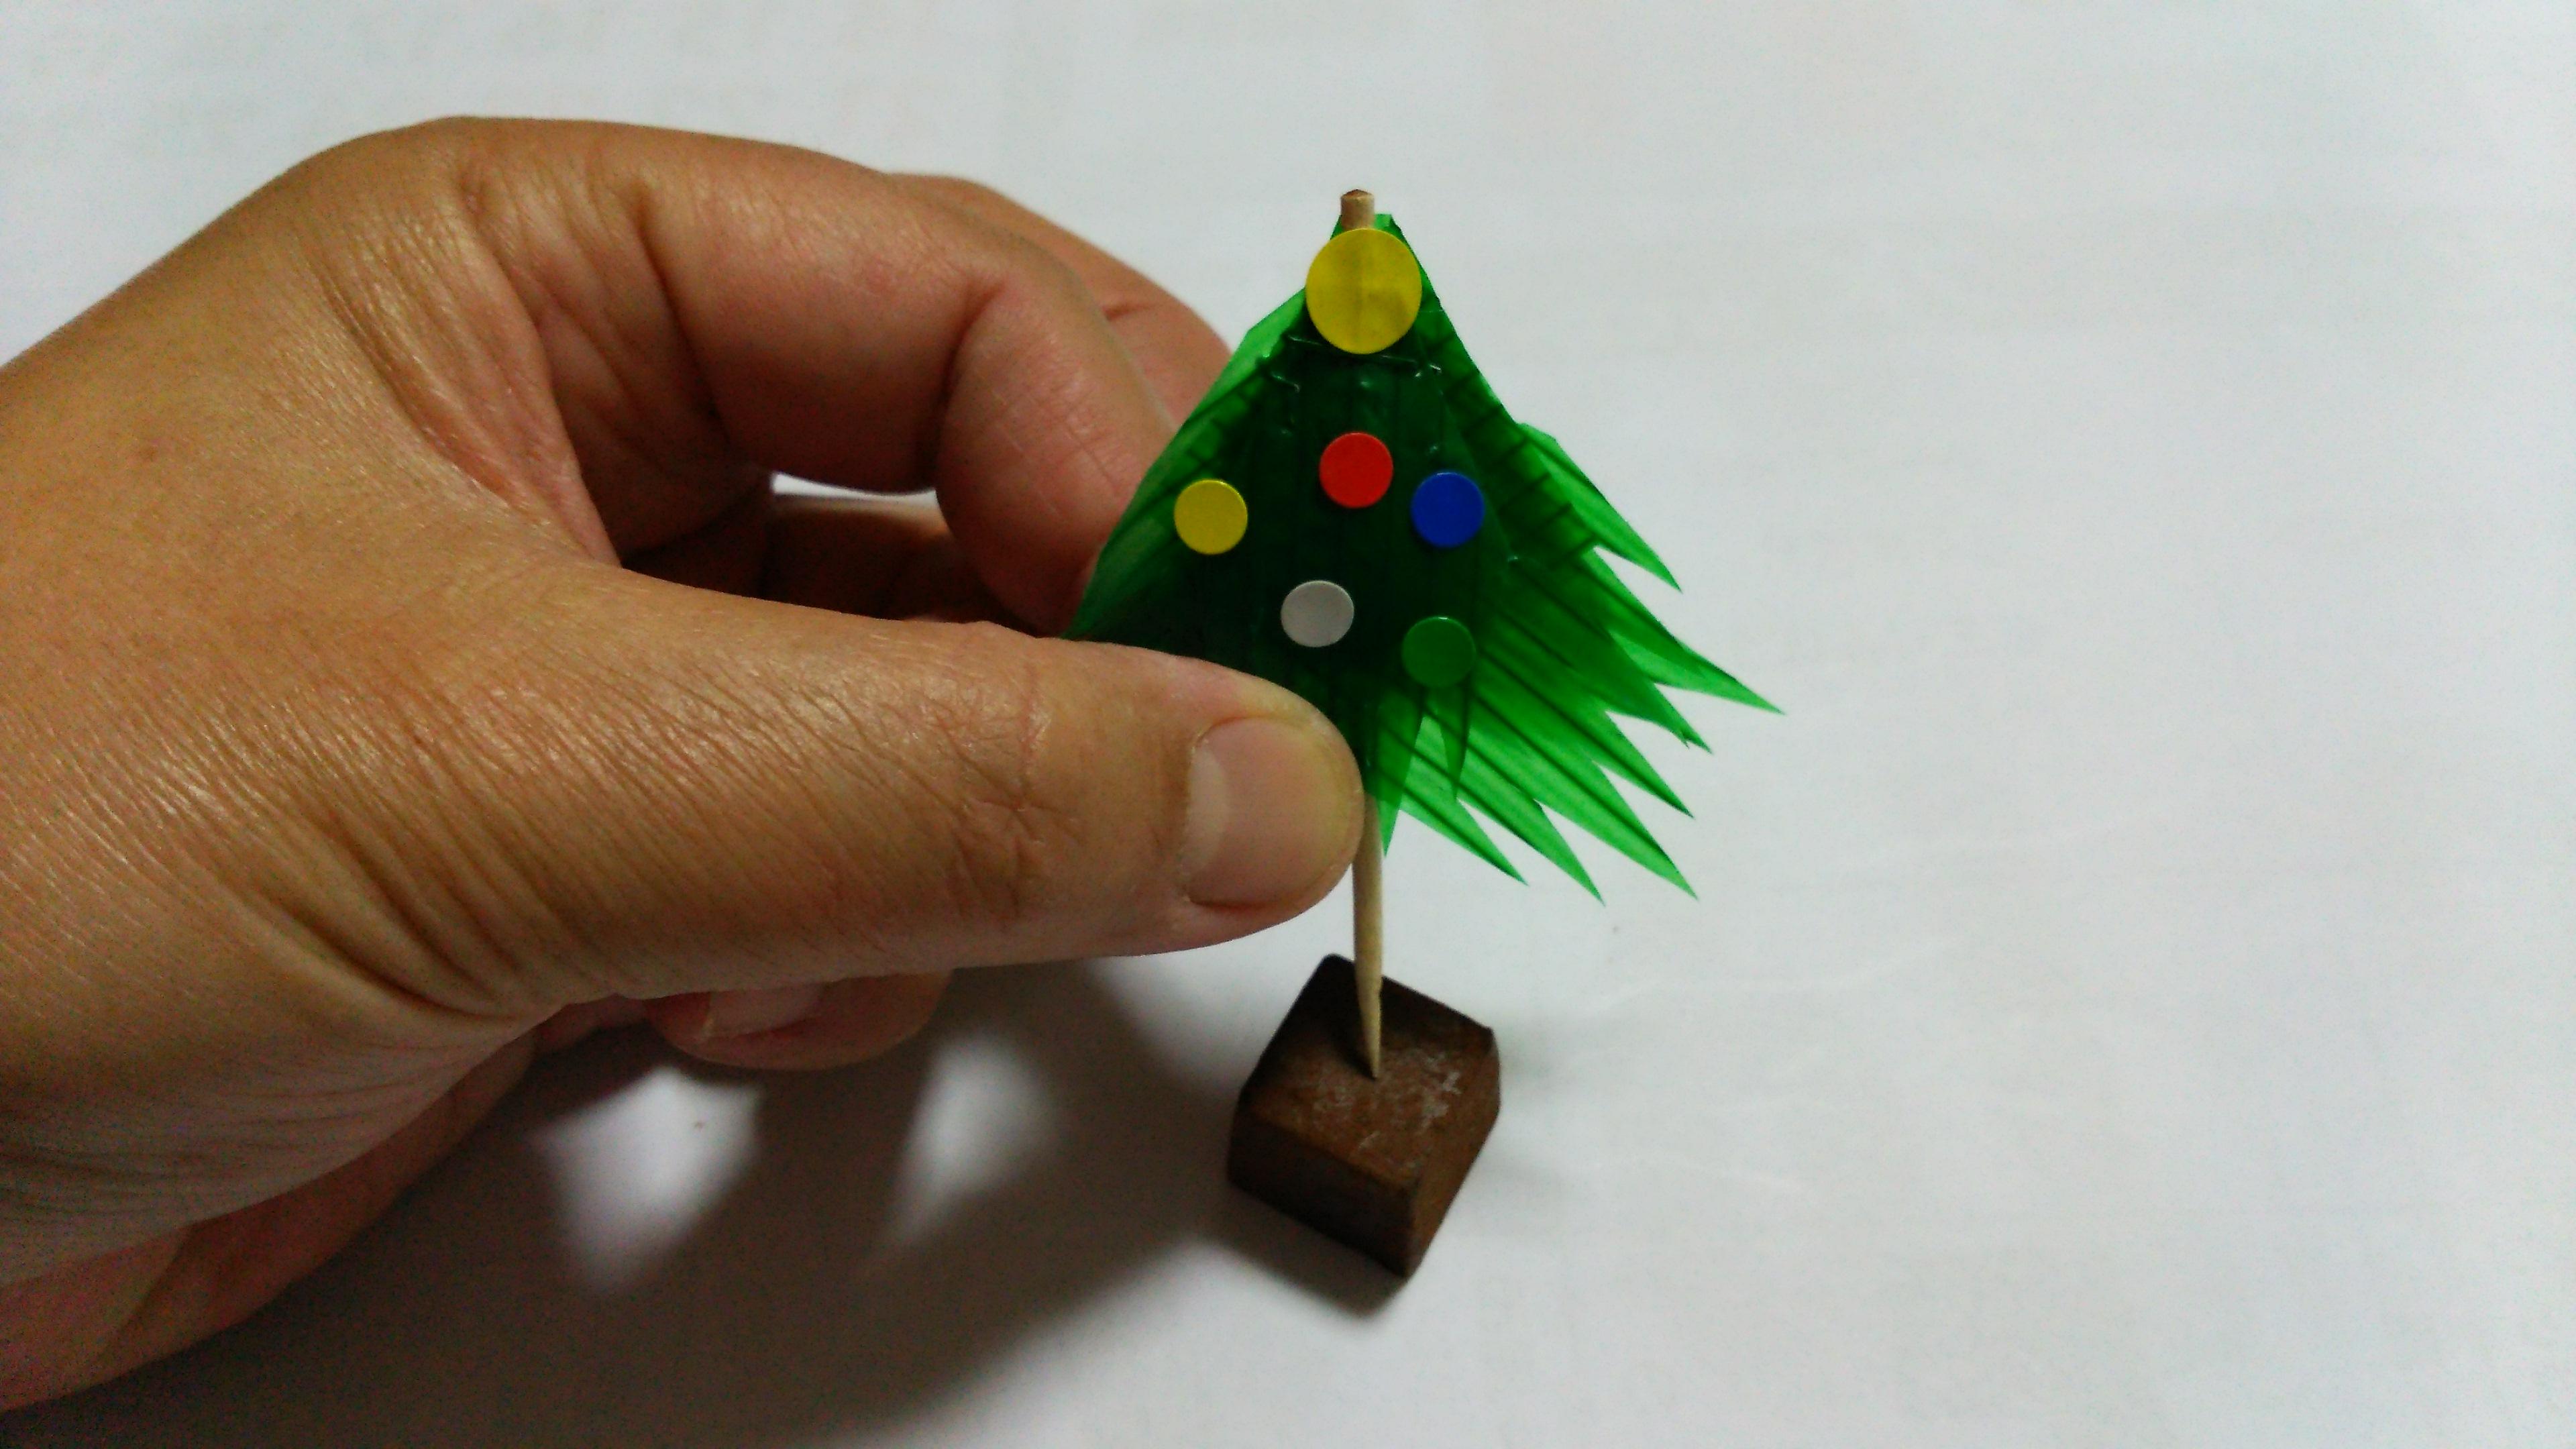 バランでクリスマスツリー土台はチョコレートや焼き菓子など